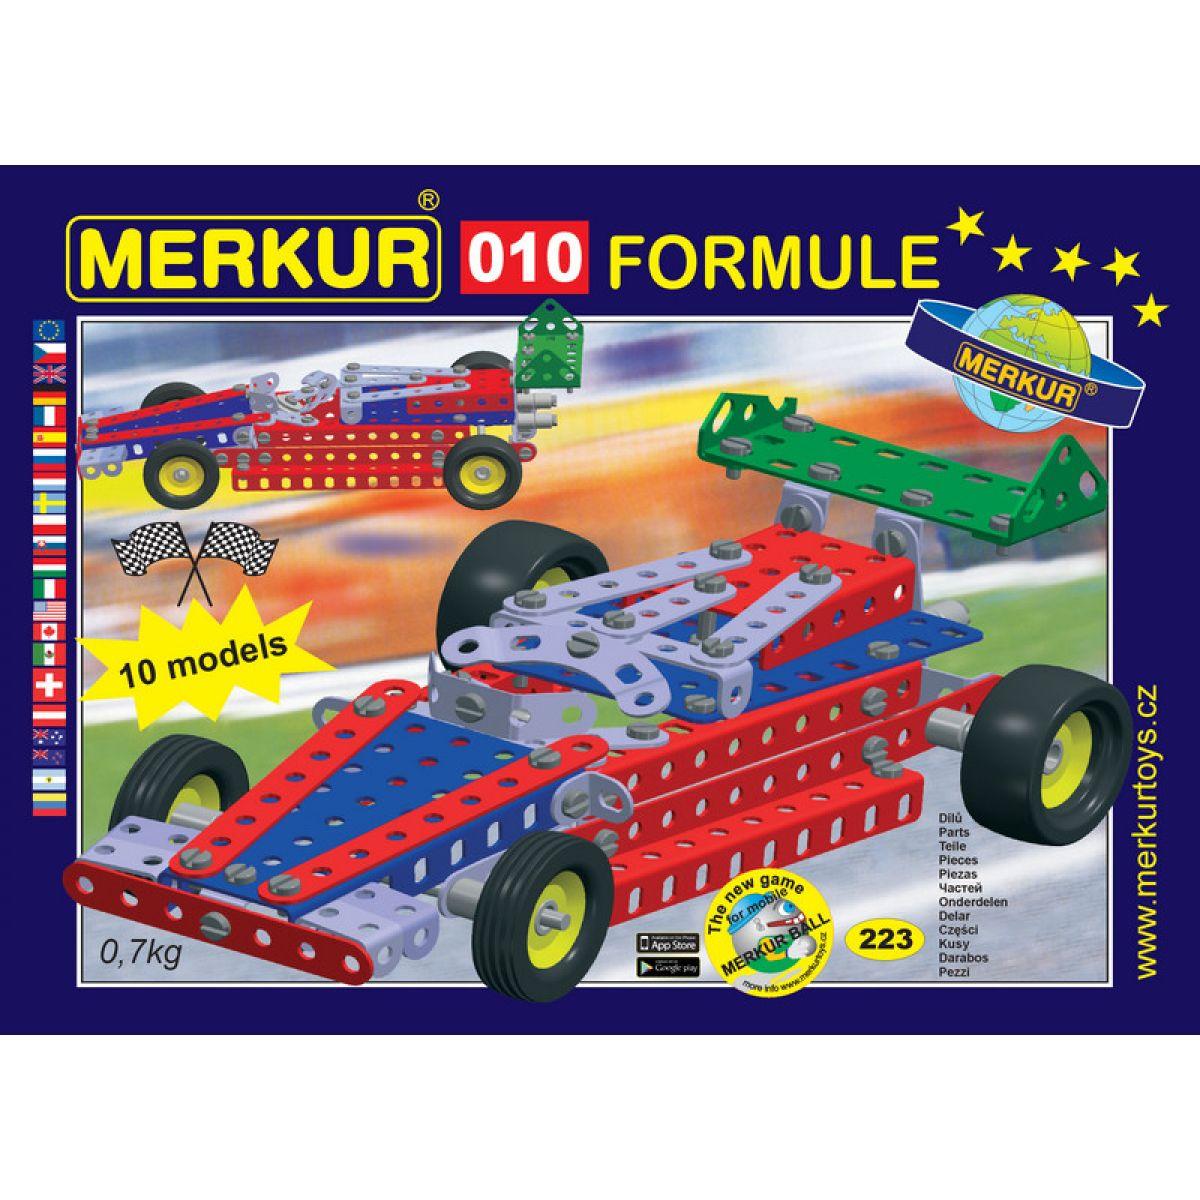 Merkur 010 Formule